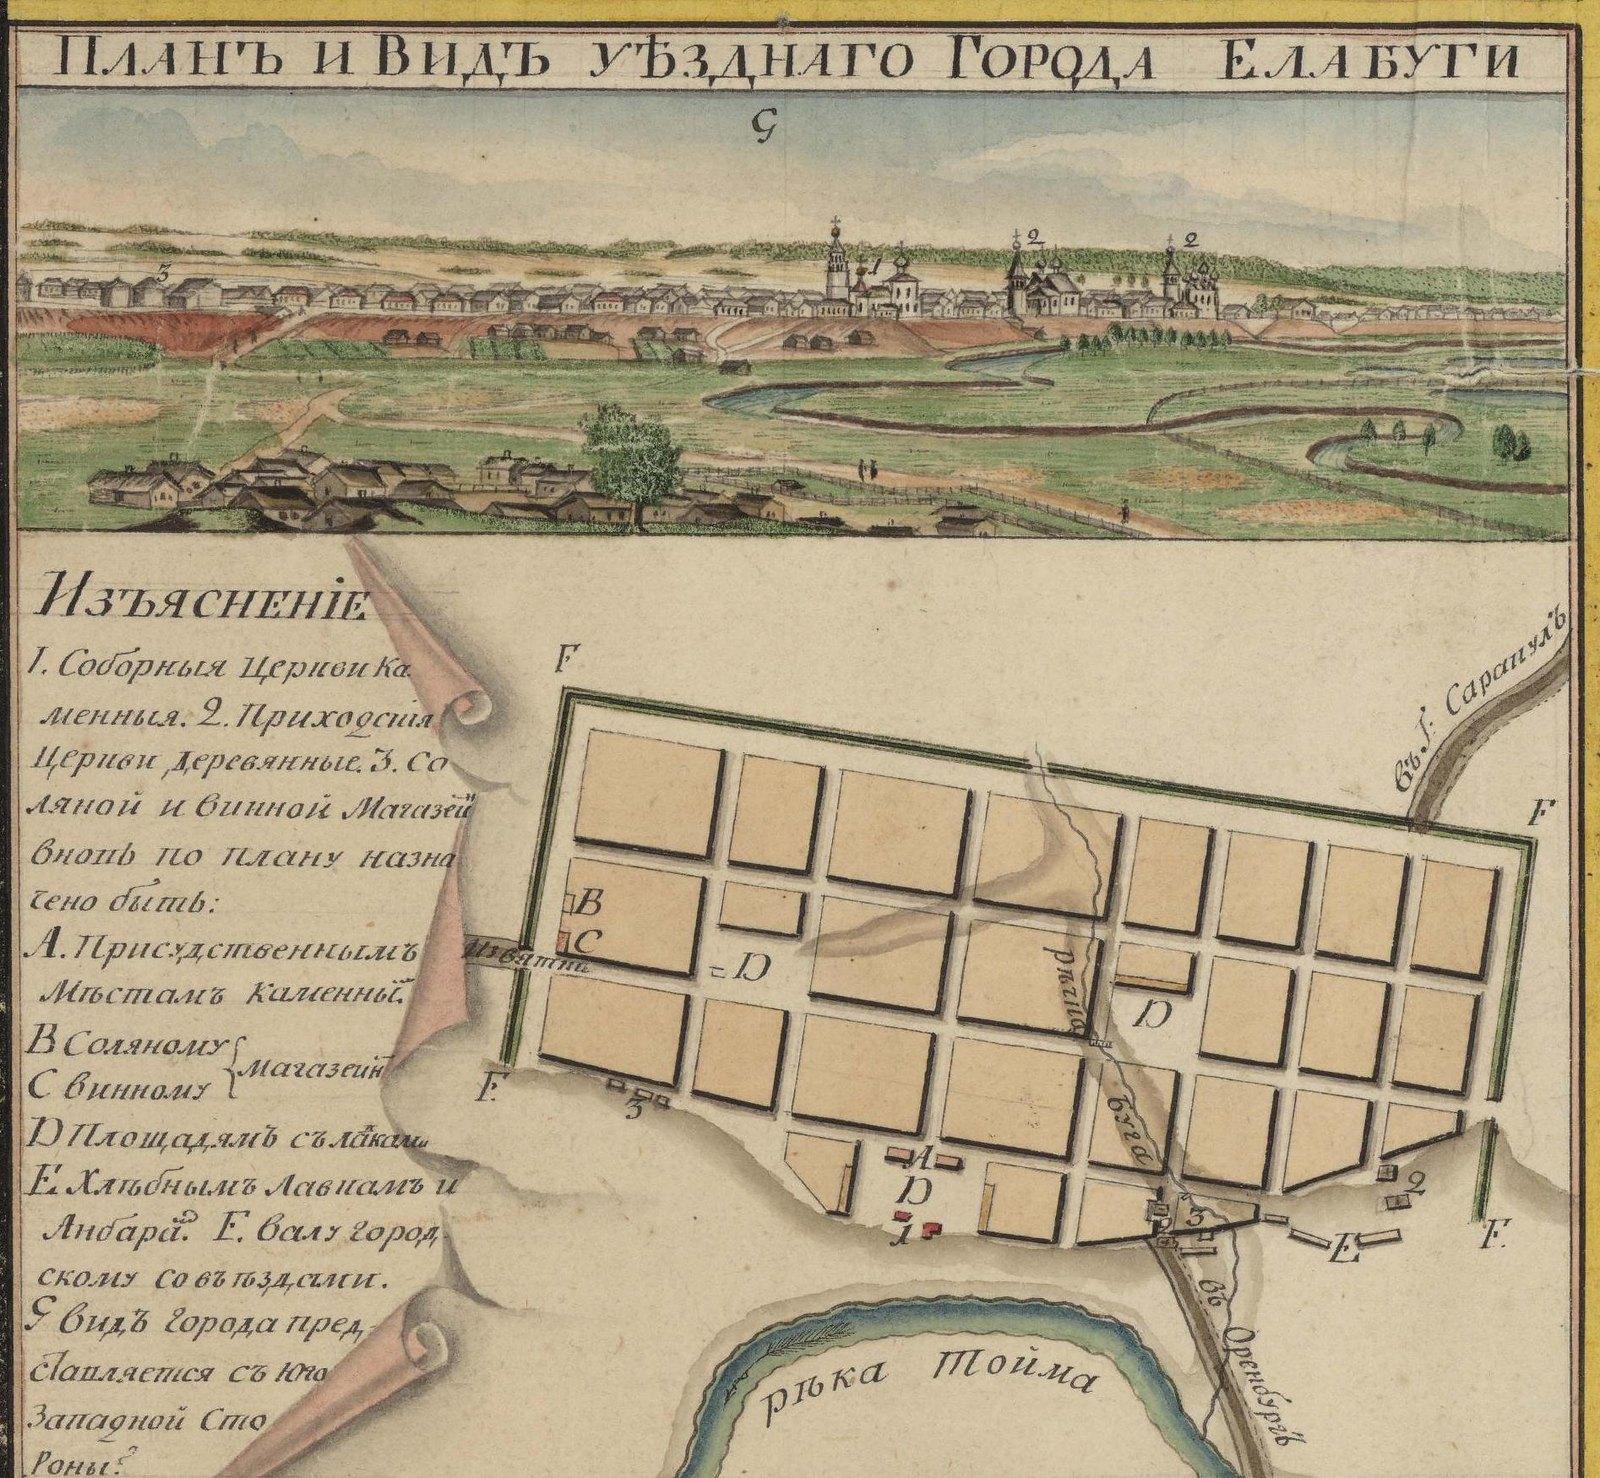 Генеральная карта Вятской губернии с планами и видами городов. 1806 - Copy (3)